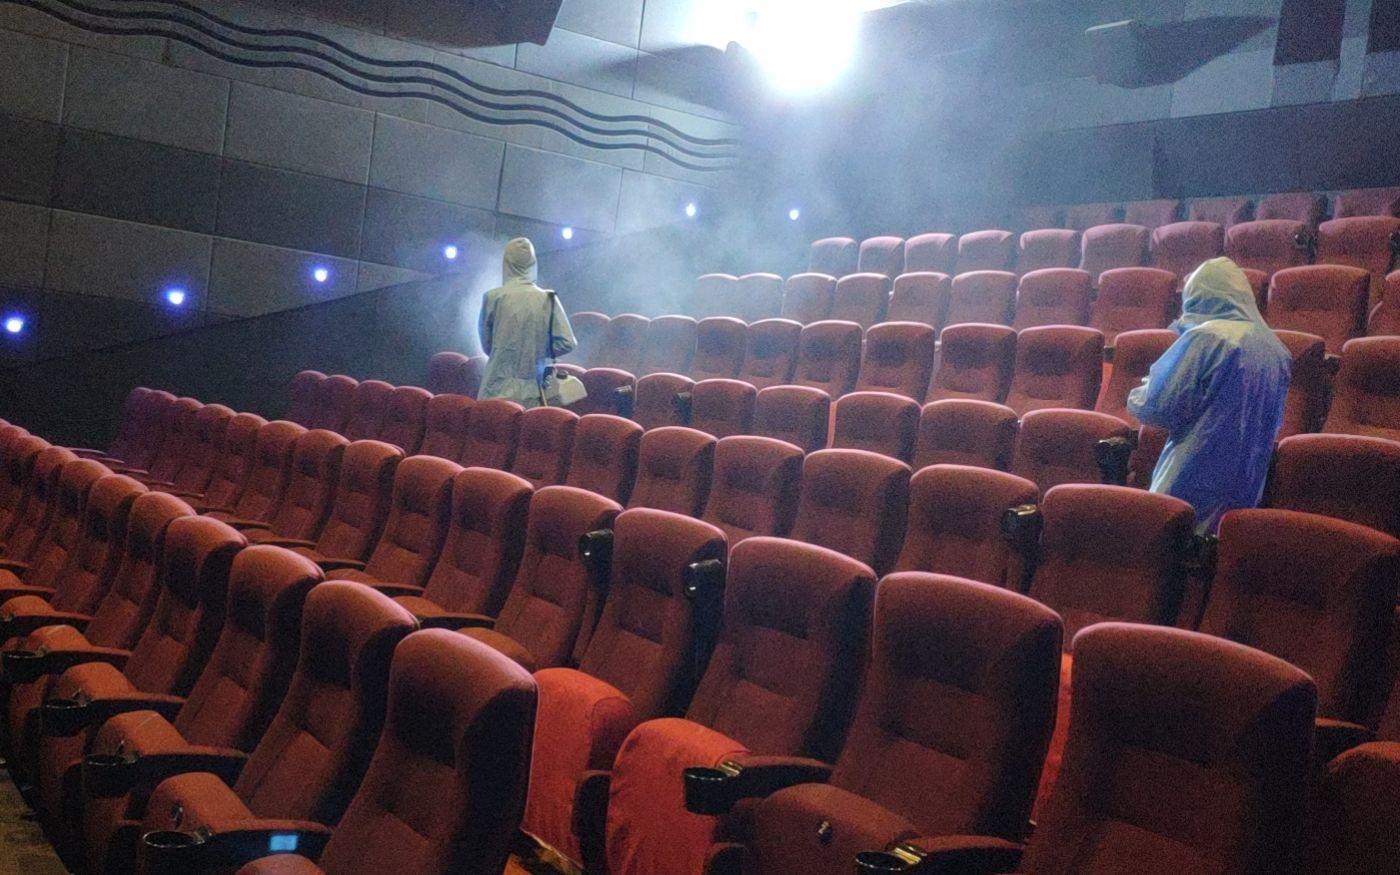 影院复工首周各地影院让利 96%票价低于去年均线